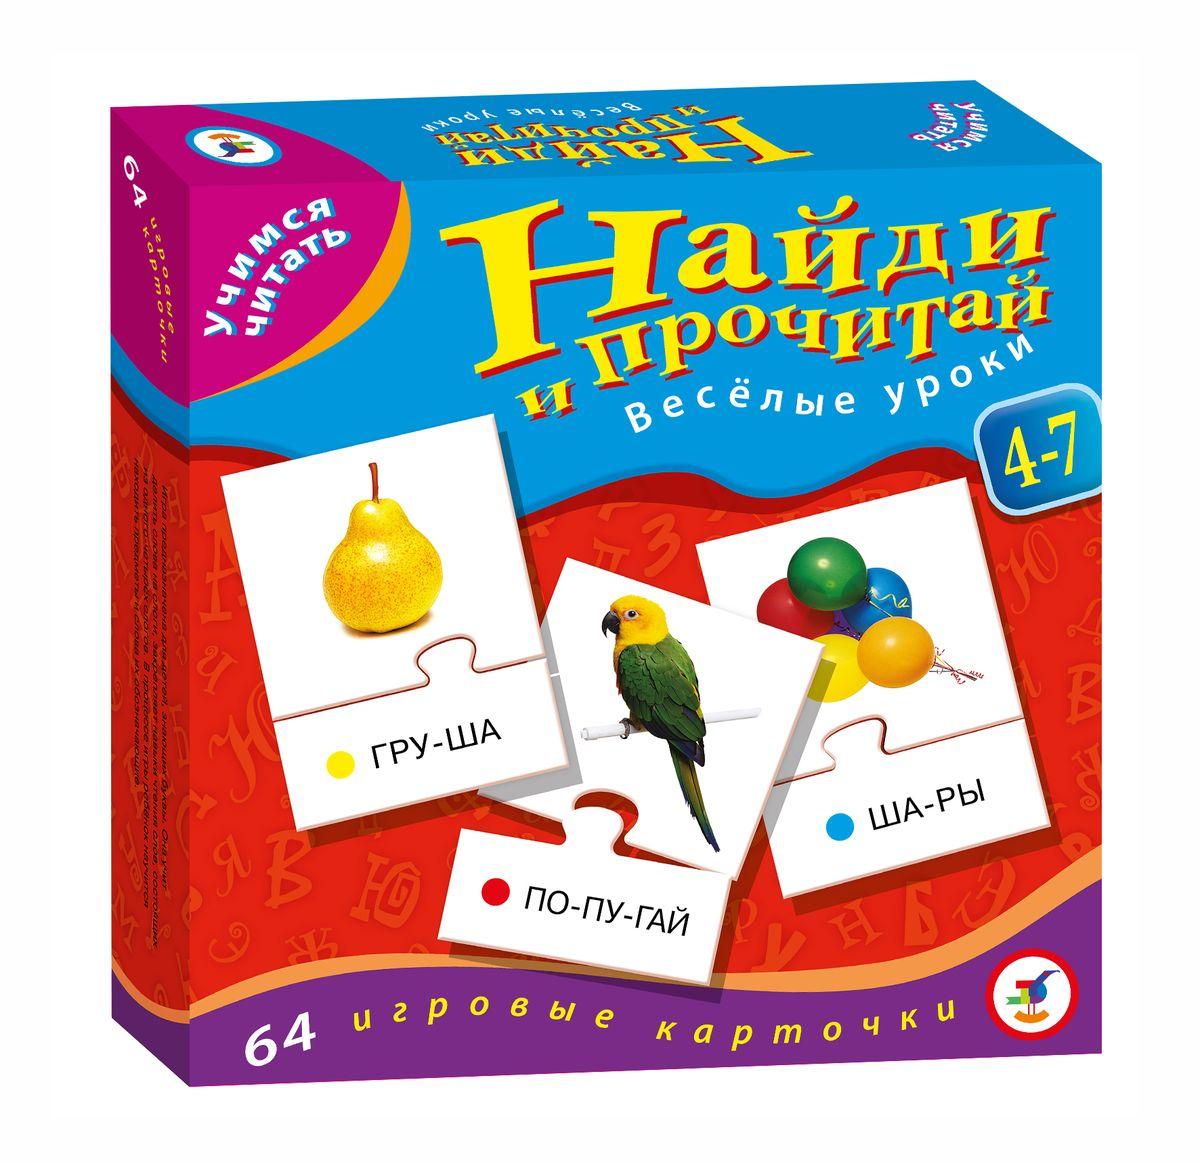 Дрофа-Медиа Обучающая игра Найди и прочитай2417Настольная мини-игра Алфавит научит вашего ребенка читать по слогам, делить слова на слоги. Задача игрока - подобрать слово к изображению предмета или животного и присоединить его при помощи пазлового замка. В игре используются одно-, двух- и трехсложные слова. Игровые карточки выполнены из плотного картона, а значит, прослужат не один год. С этой игрой обучение превратится в весёлое развлечение. В набор входят 64 карточки с яркими картинками и правила игры на русском языке. Настольная игра развивает внимание, мелкую моторику рук, воспитывает самостоятельность, логическое мышление и умение оценивать свои действия.